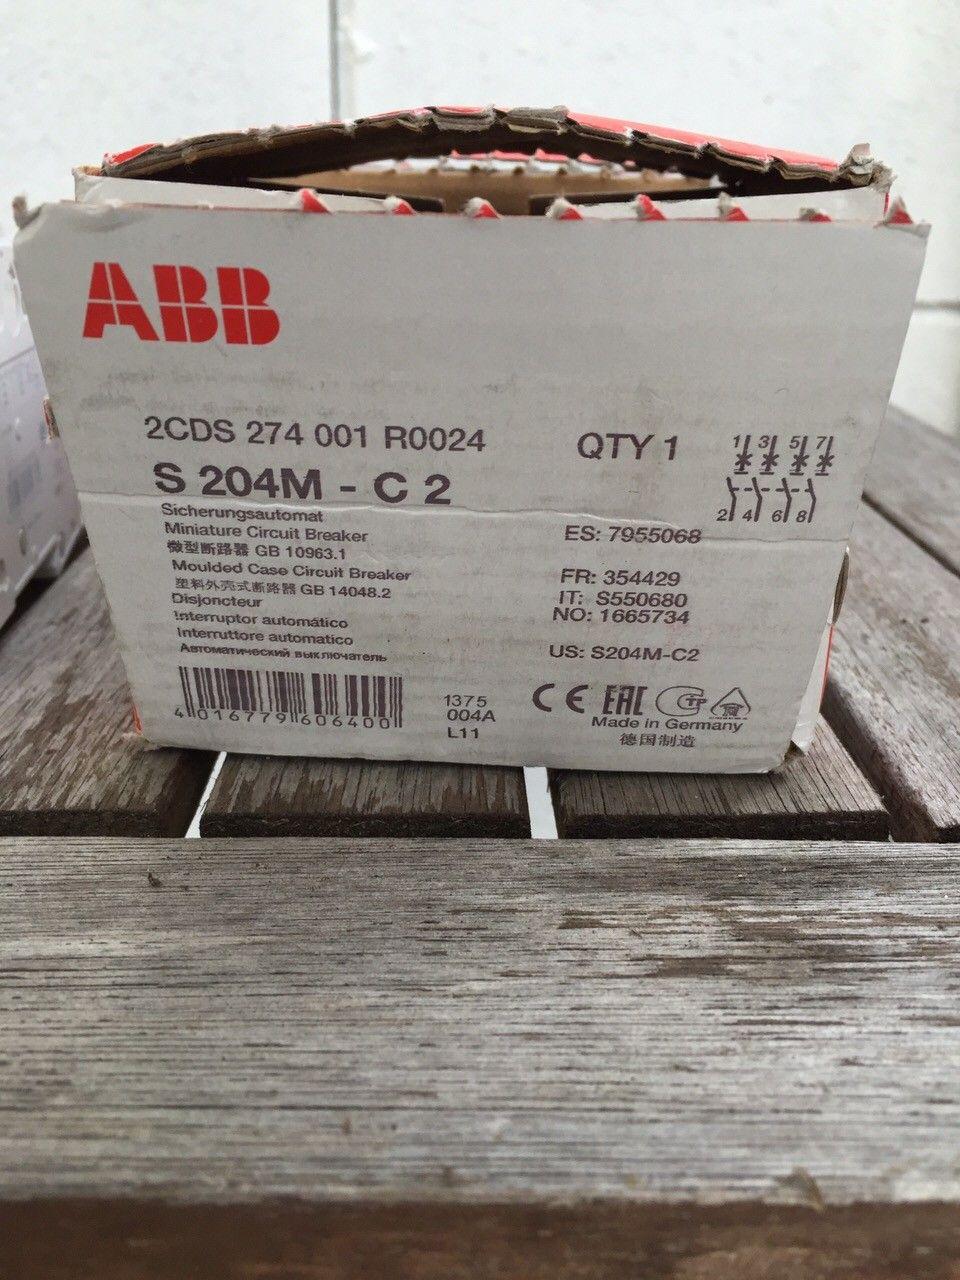 ABB S 204M C 2 AUTOMAT C2A 10KA 4P - Fjellhamar  - 2 nye og ubrukte ABB S 204M C 2 AUTOMAAT C2A 10KA 4P sikringer  Se link for mer info http://www.abbconnect.nl/pdf/product.aspx?ordercode=2CDS274001R0024  Selges samlet 300.- for 2 stk  Sender varer mot - Fjellhamar